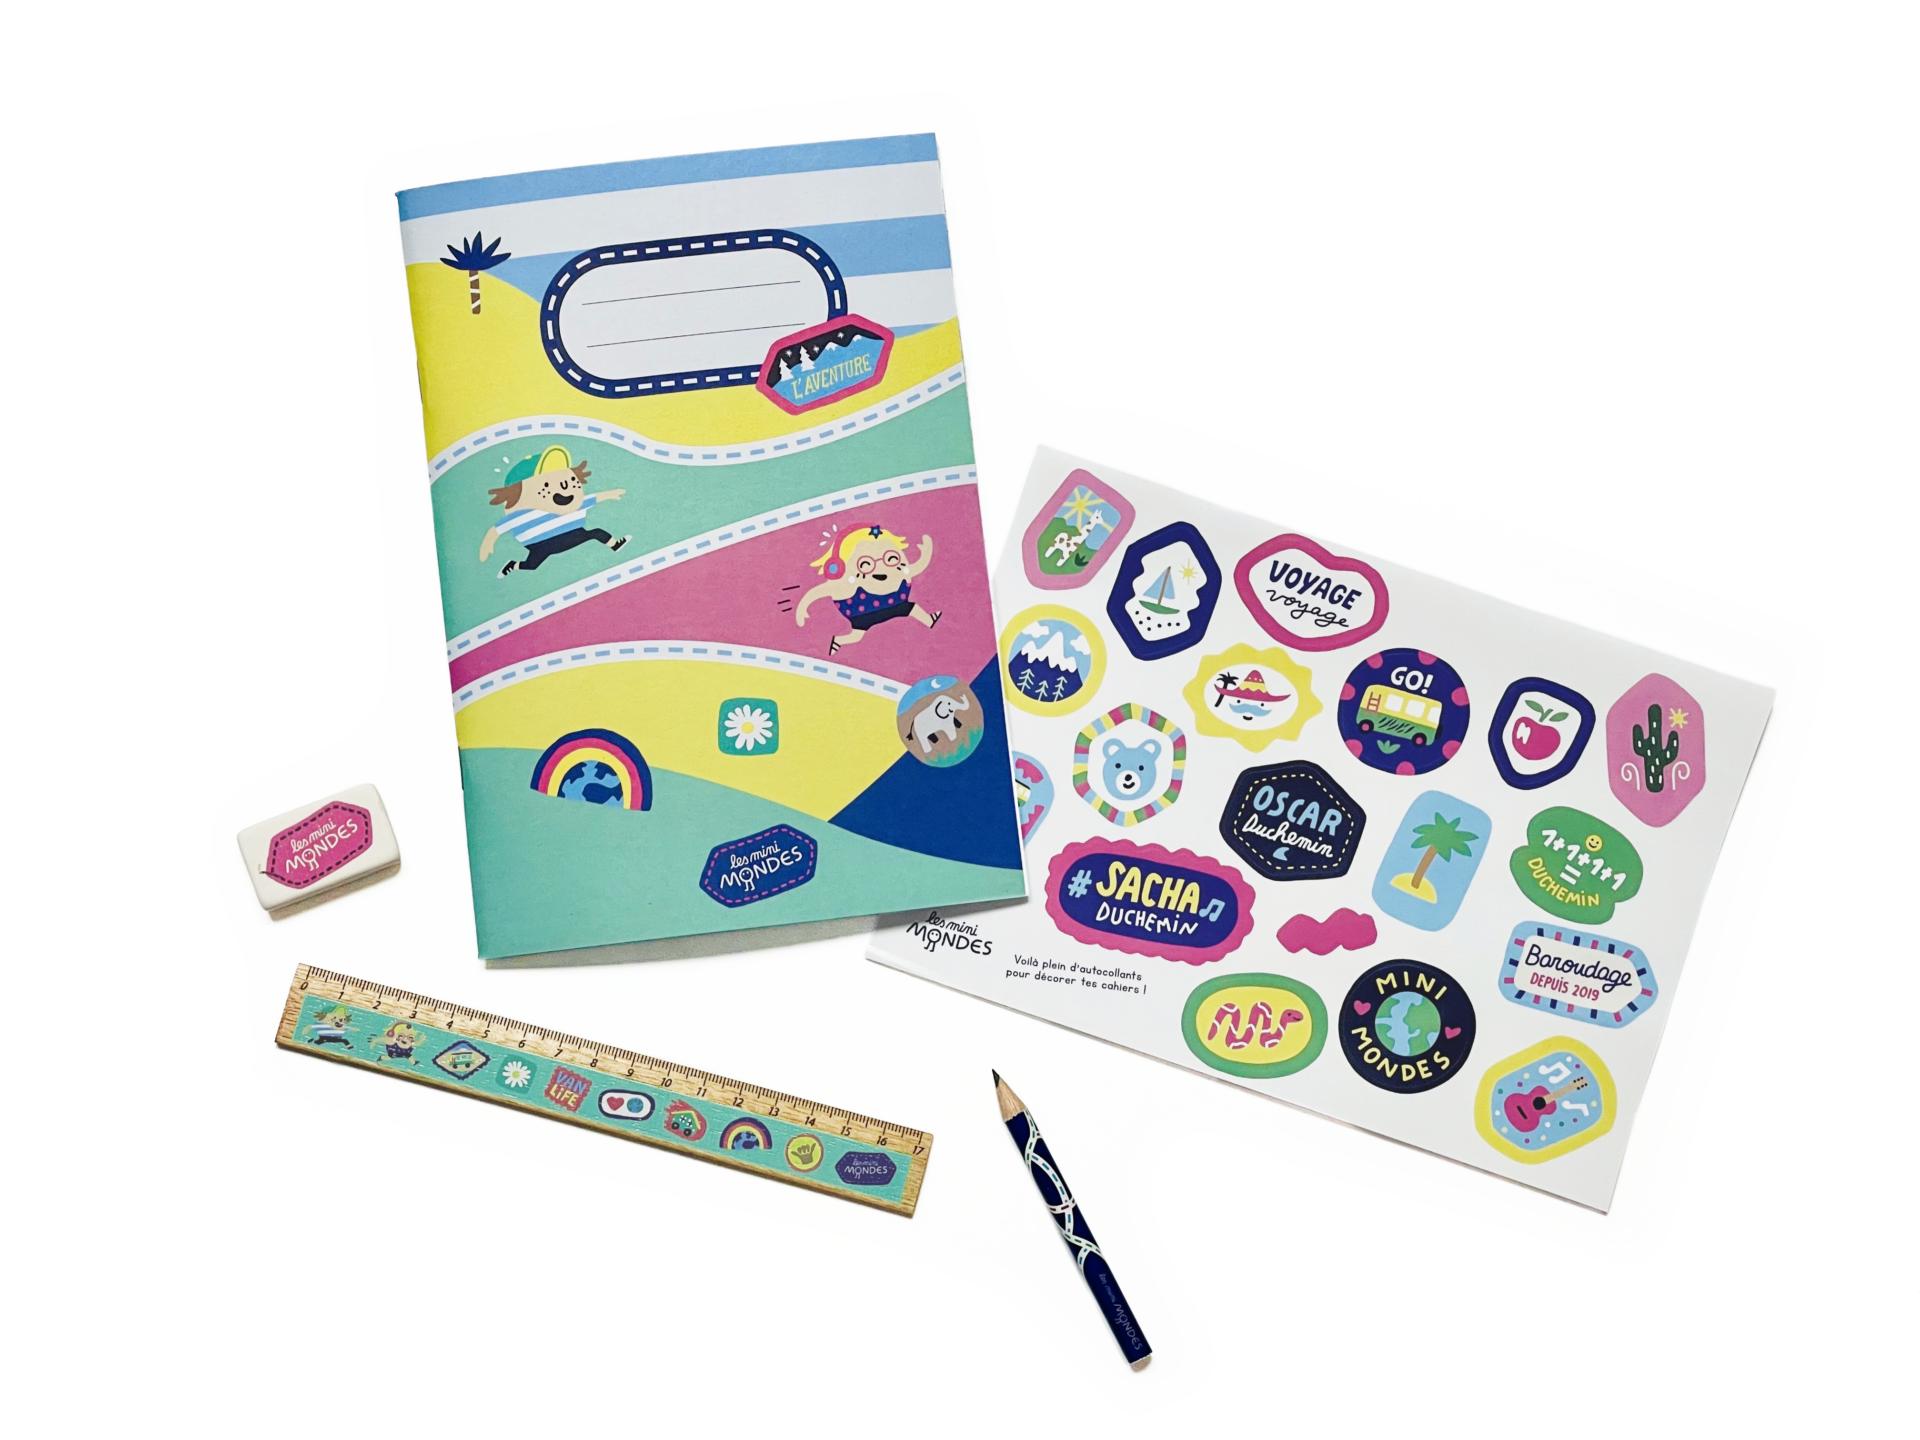 Le kit de fournitures scolaires pour la rentrée des classes de votre enfant, aux couleurs des Mini Mondes